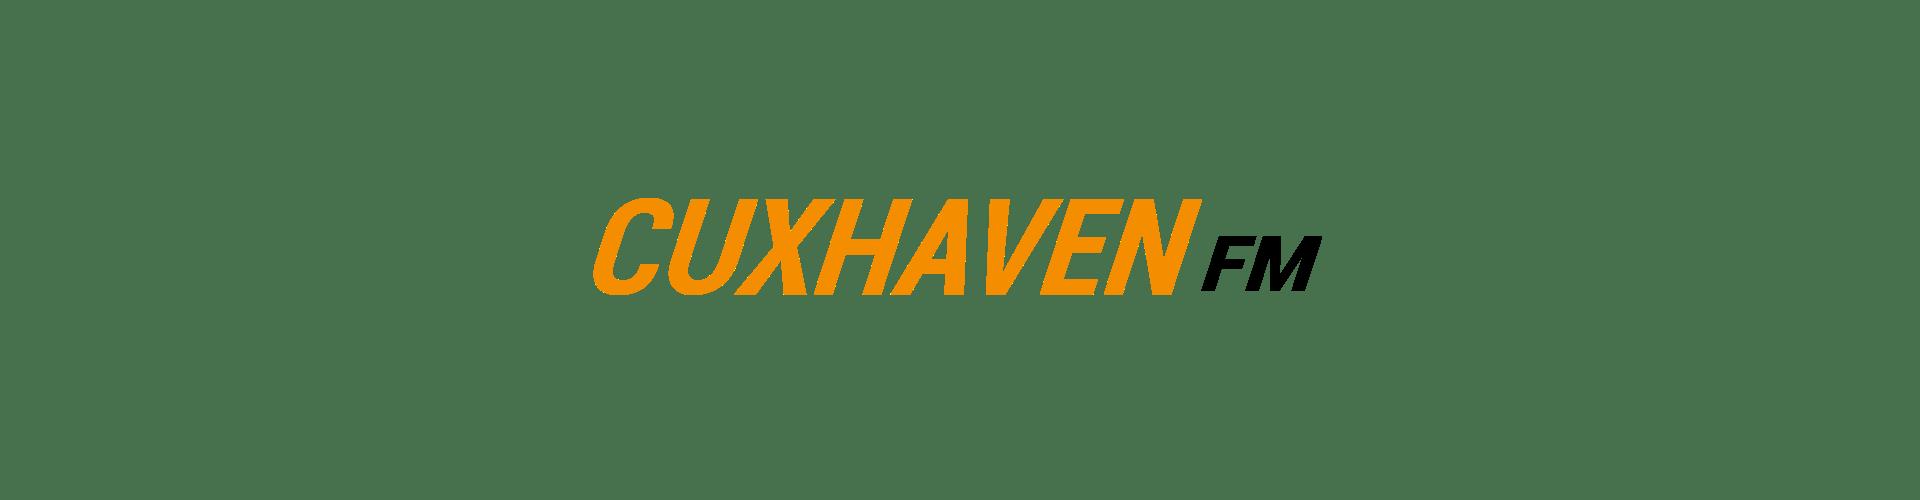 Cuxhaven FM